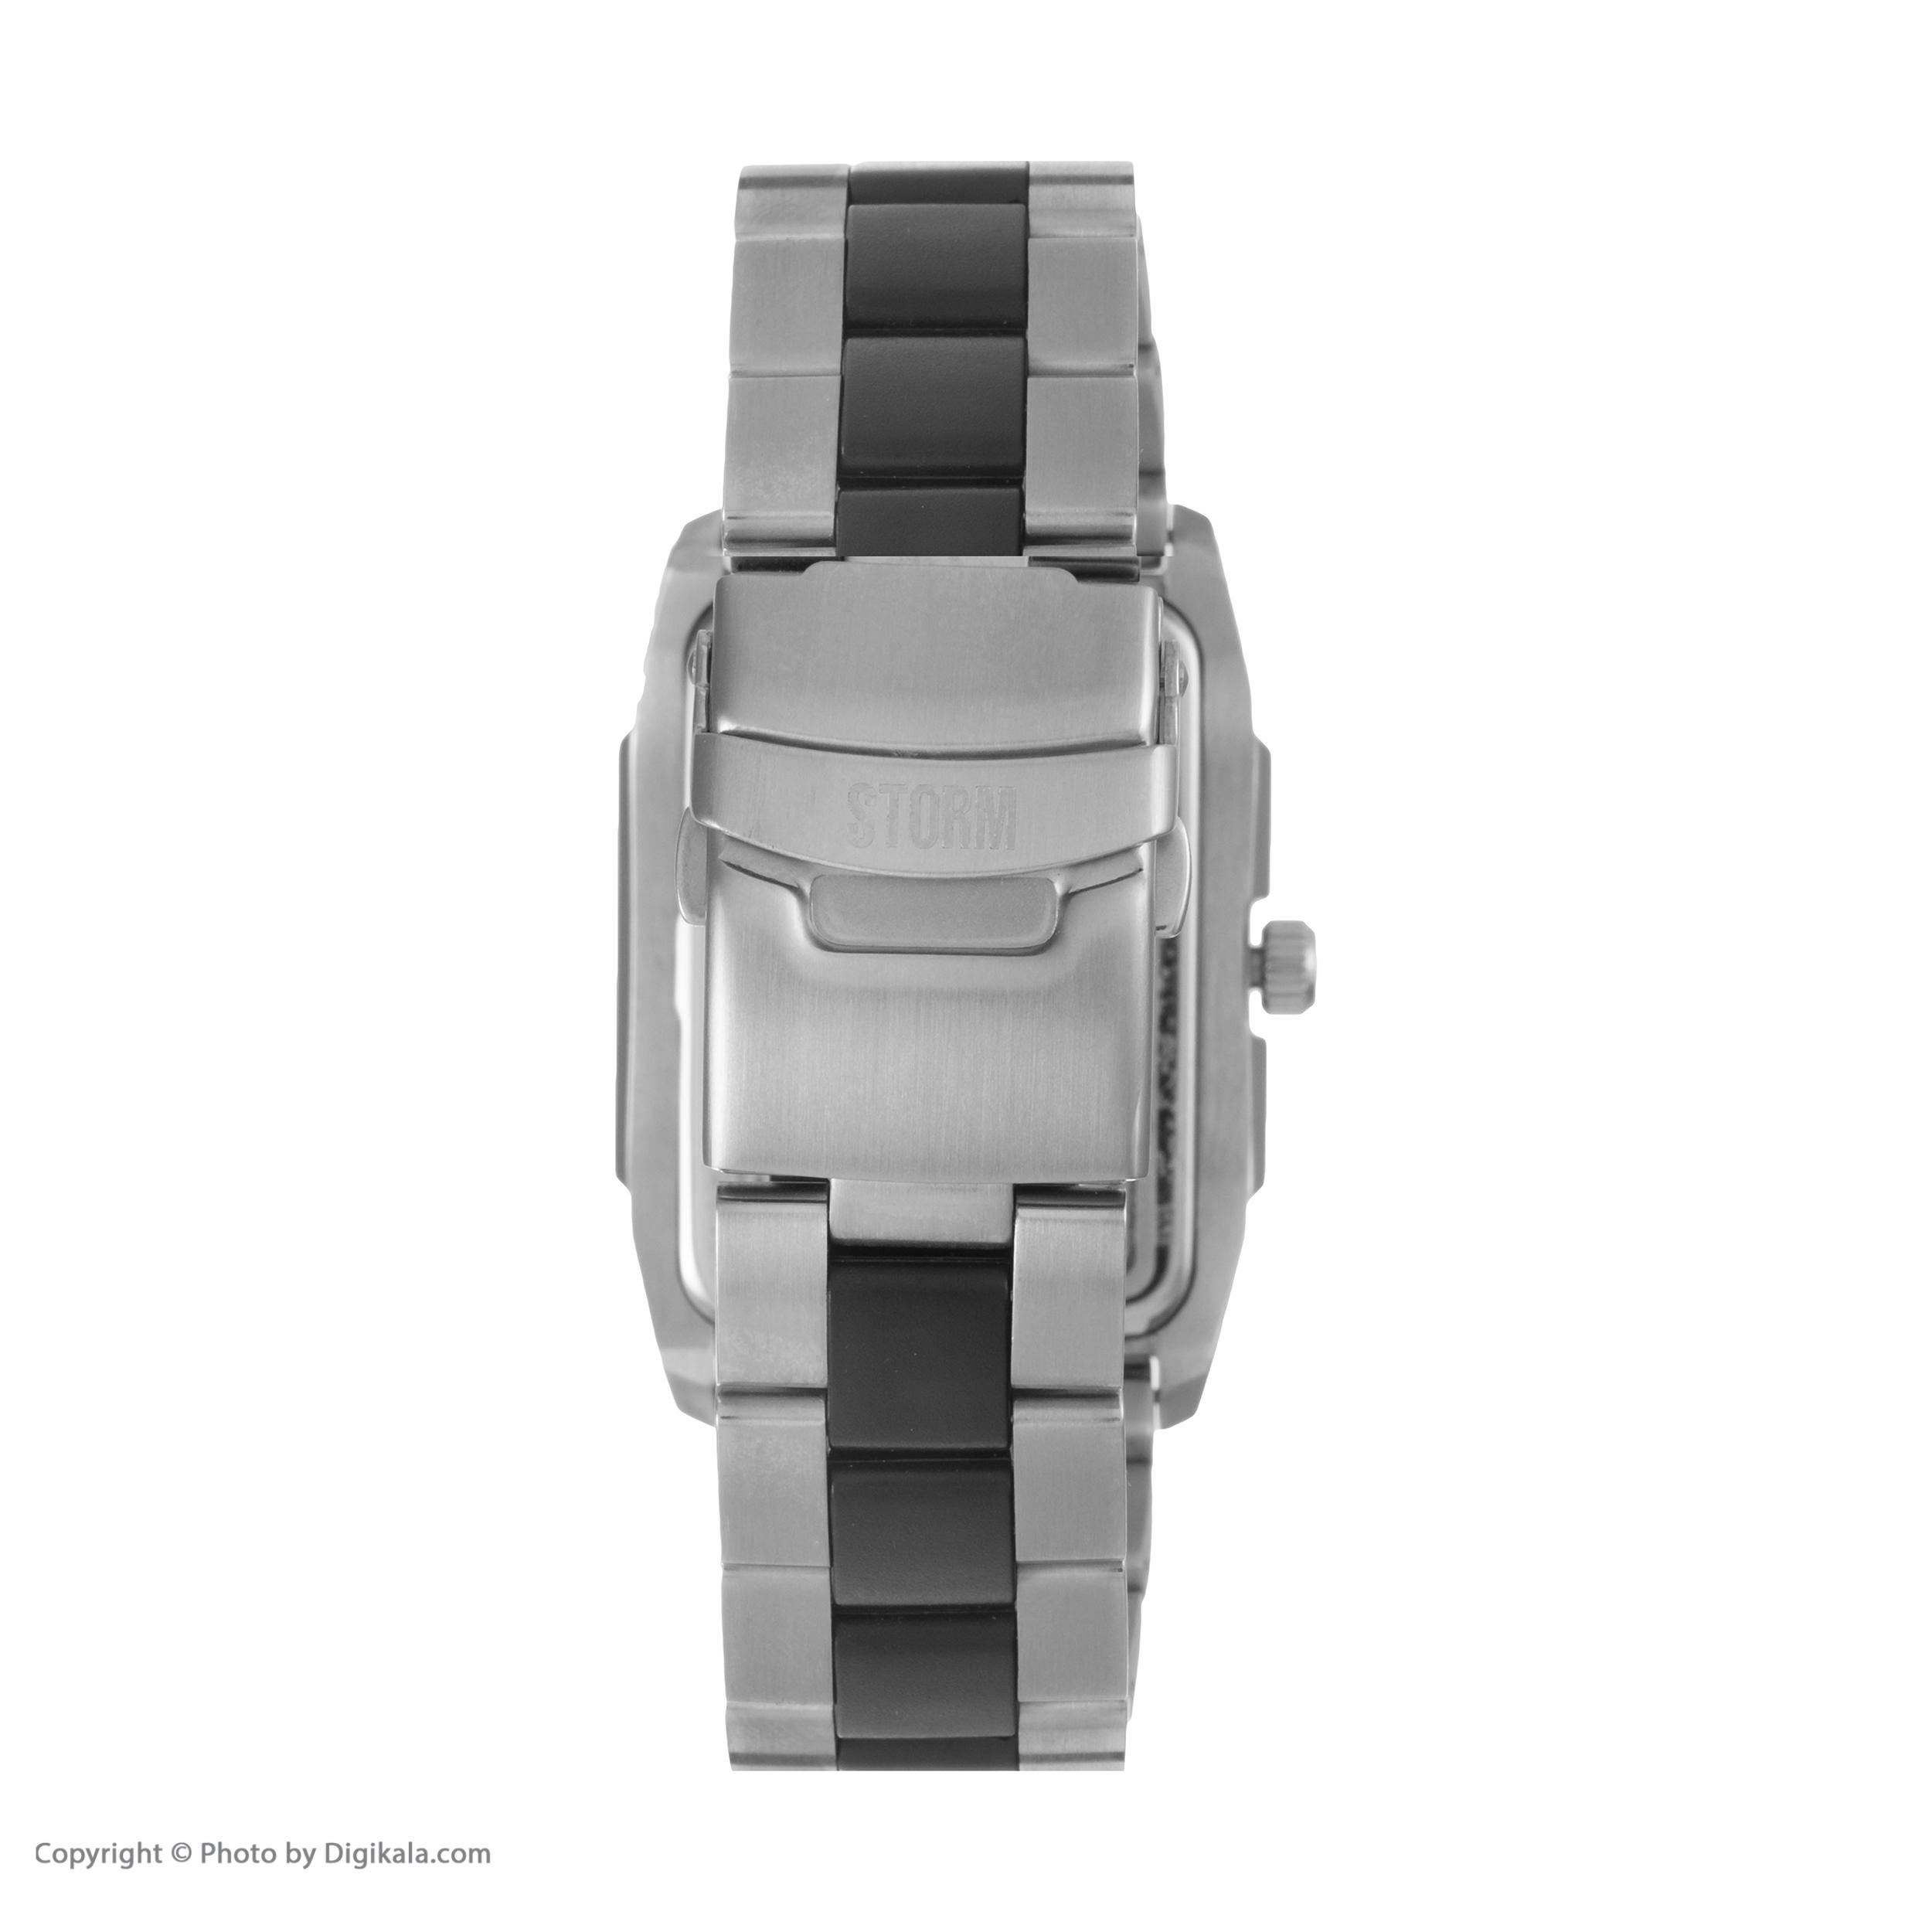 ساعت مچی عقربه ای مردانه استورم مدل ST 47138-BK -  - 5